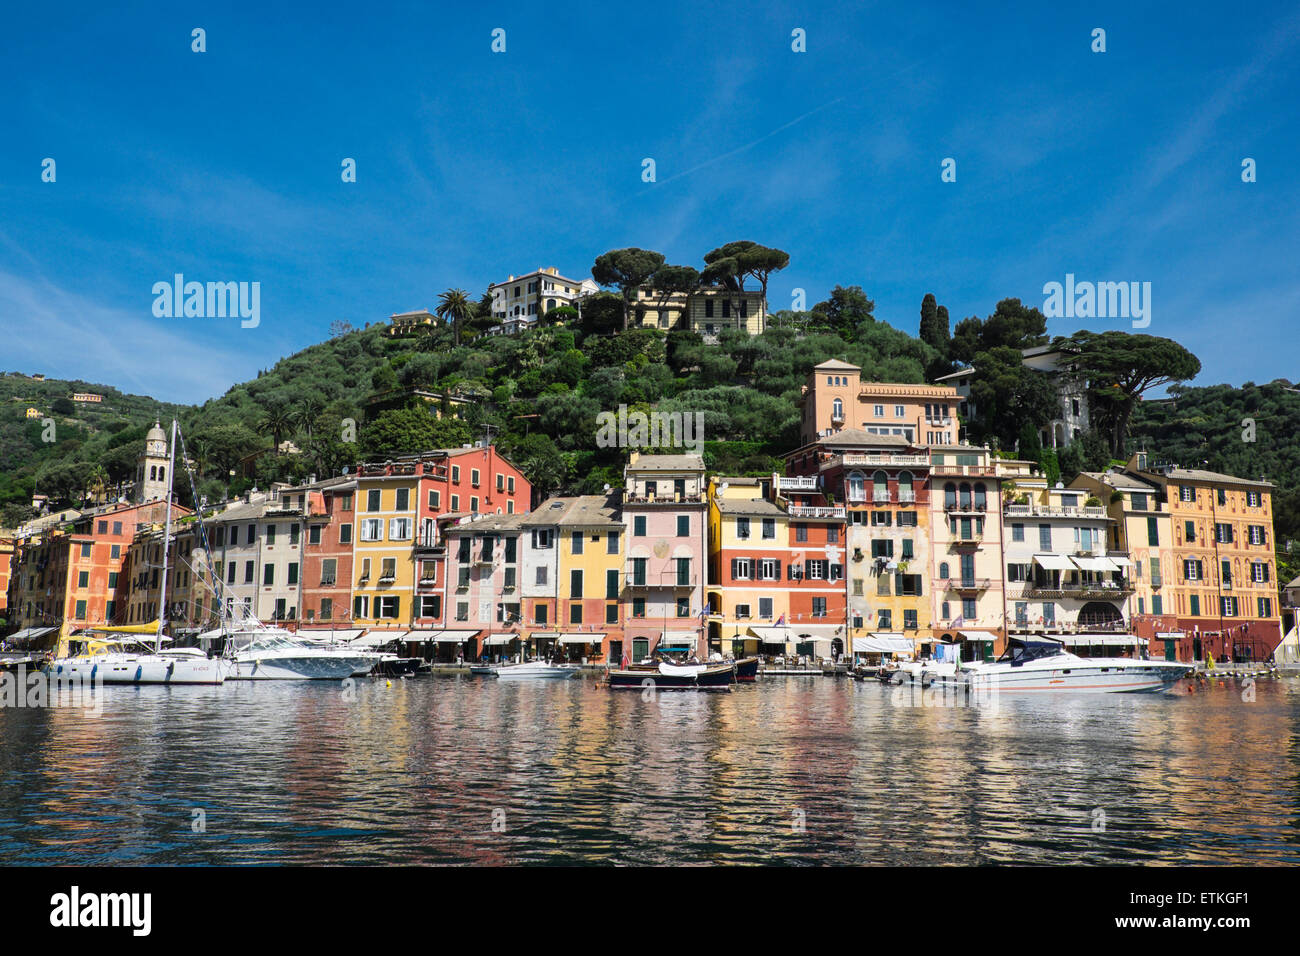 Ausblick auf die Stadt von Portofino, Aussicht Auf Die Stadt von Portofino, Italien Stockbild